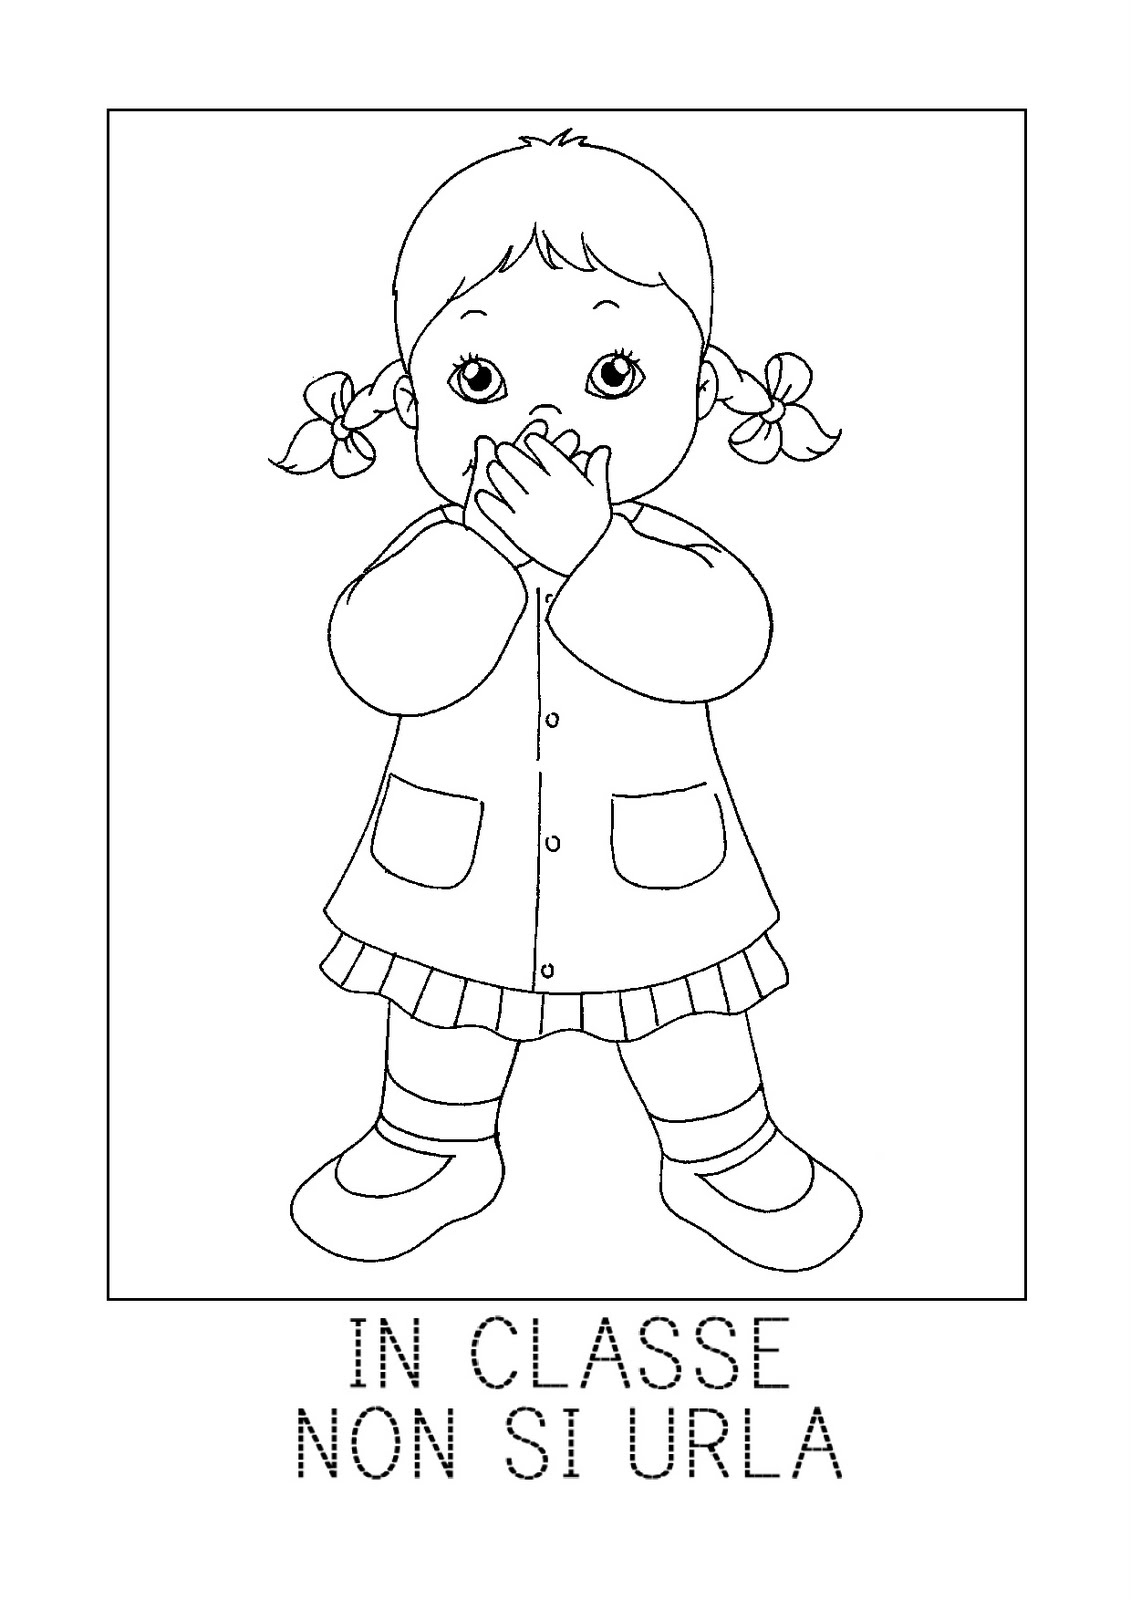 Regole per i bambini da stampare yw96 regardsdefemmes - Colorare la casa ...